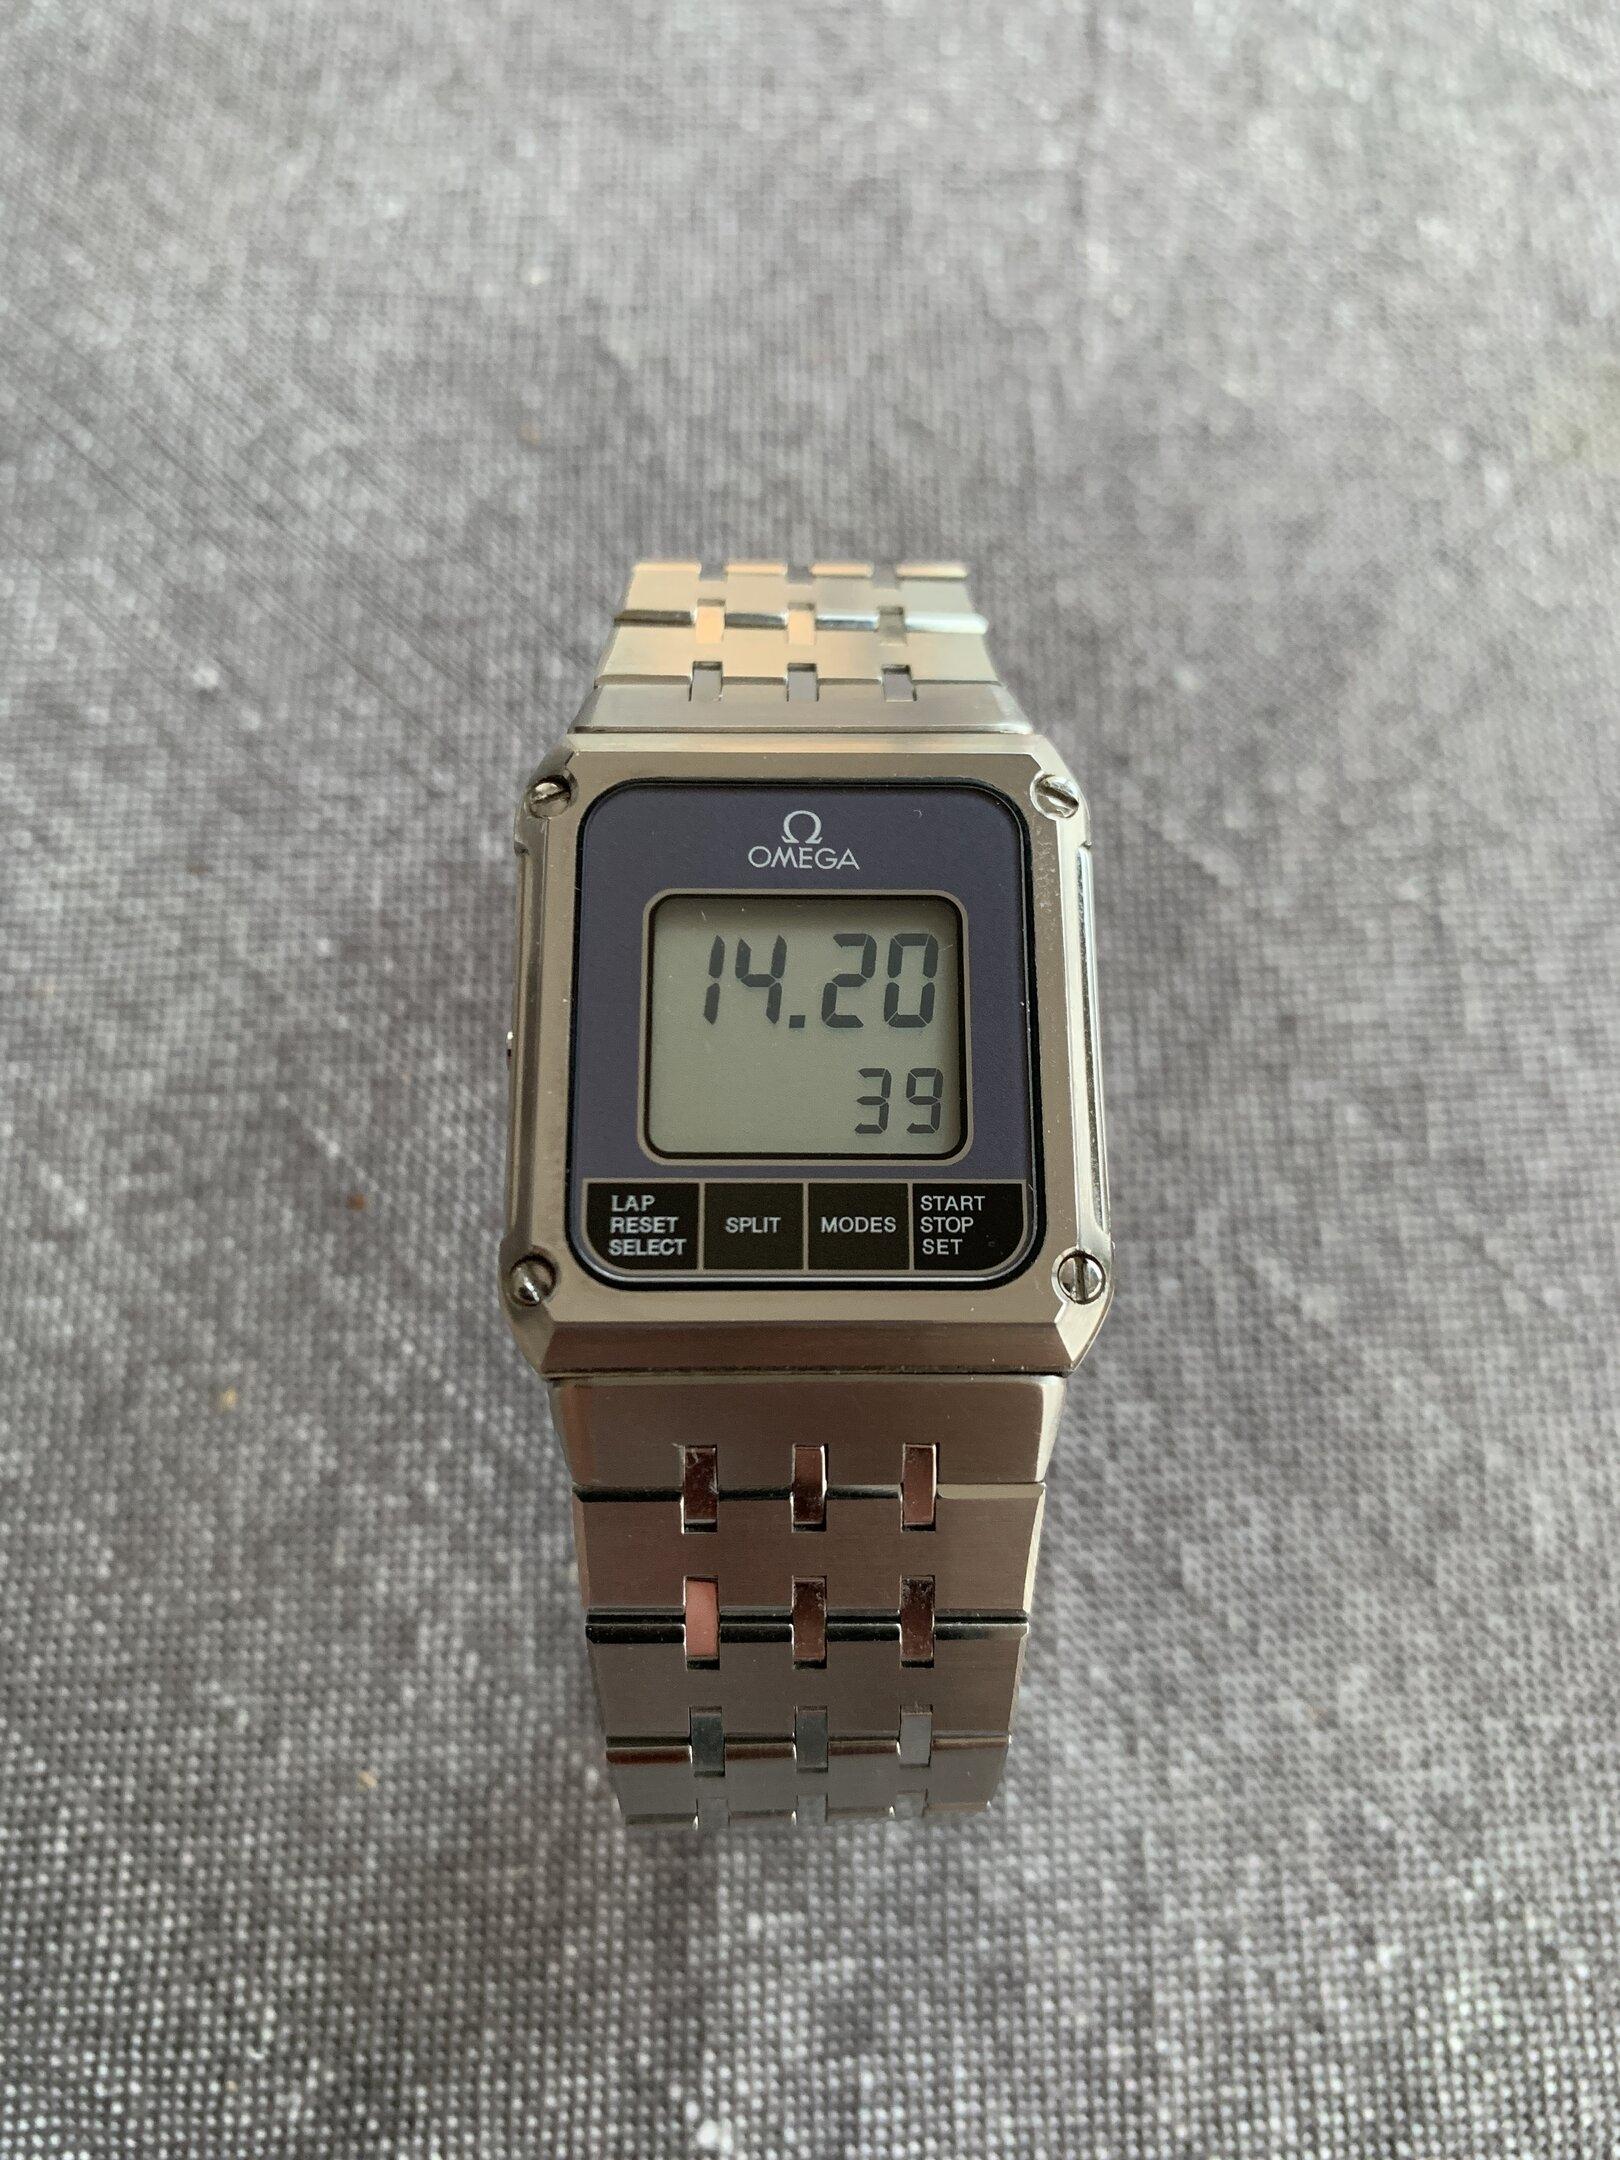 CE6550E9-4175-45E4-875F-72252A1AE493.jpeg